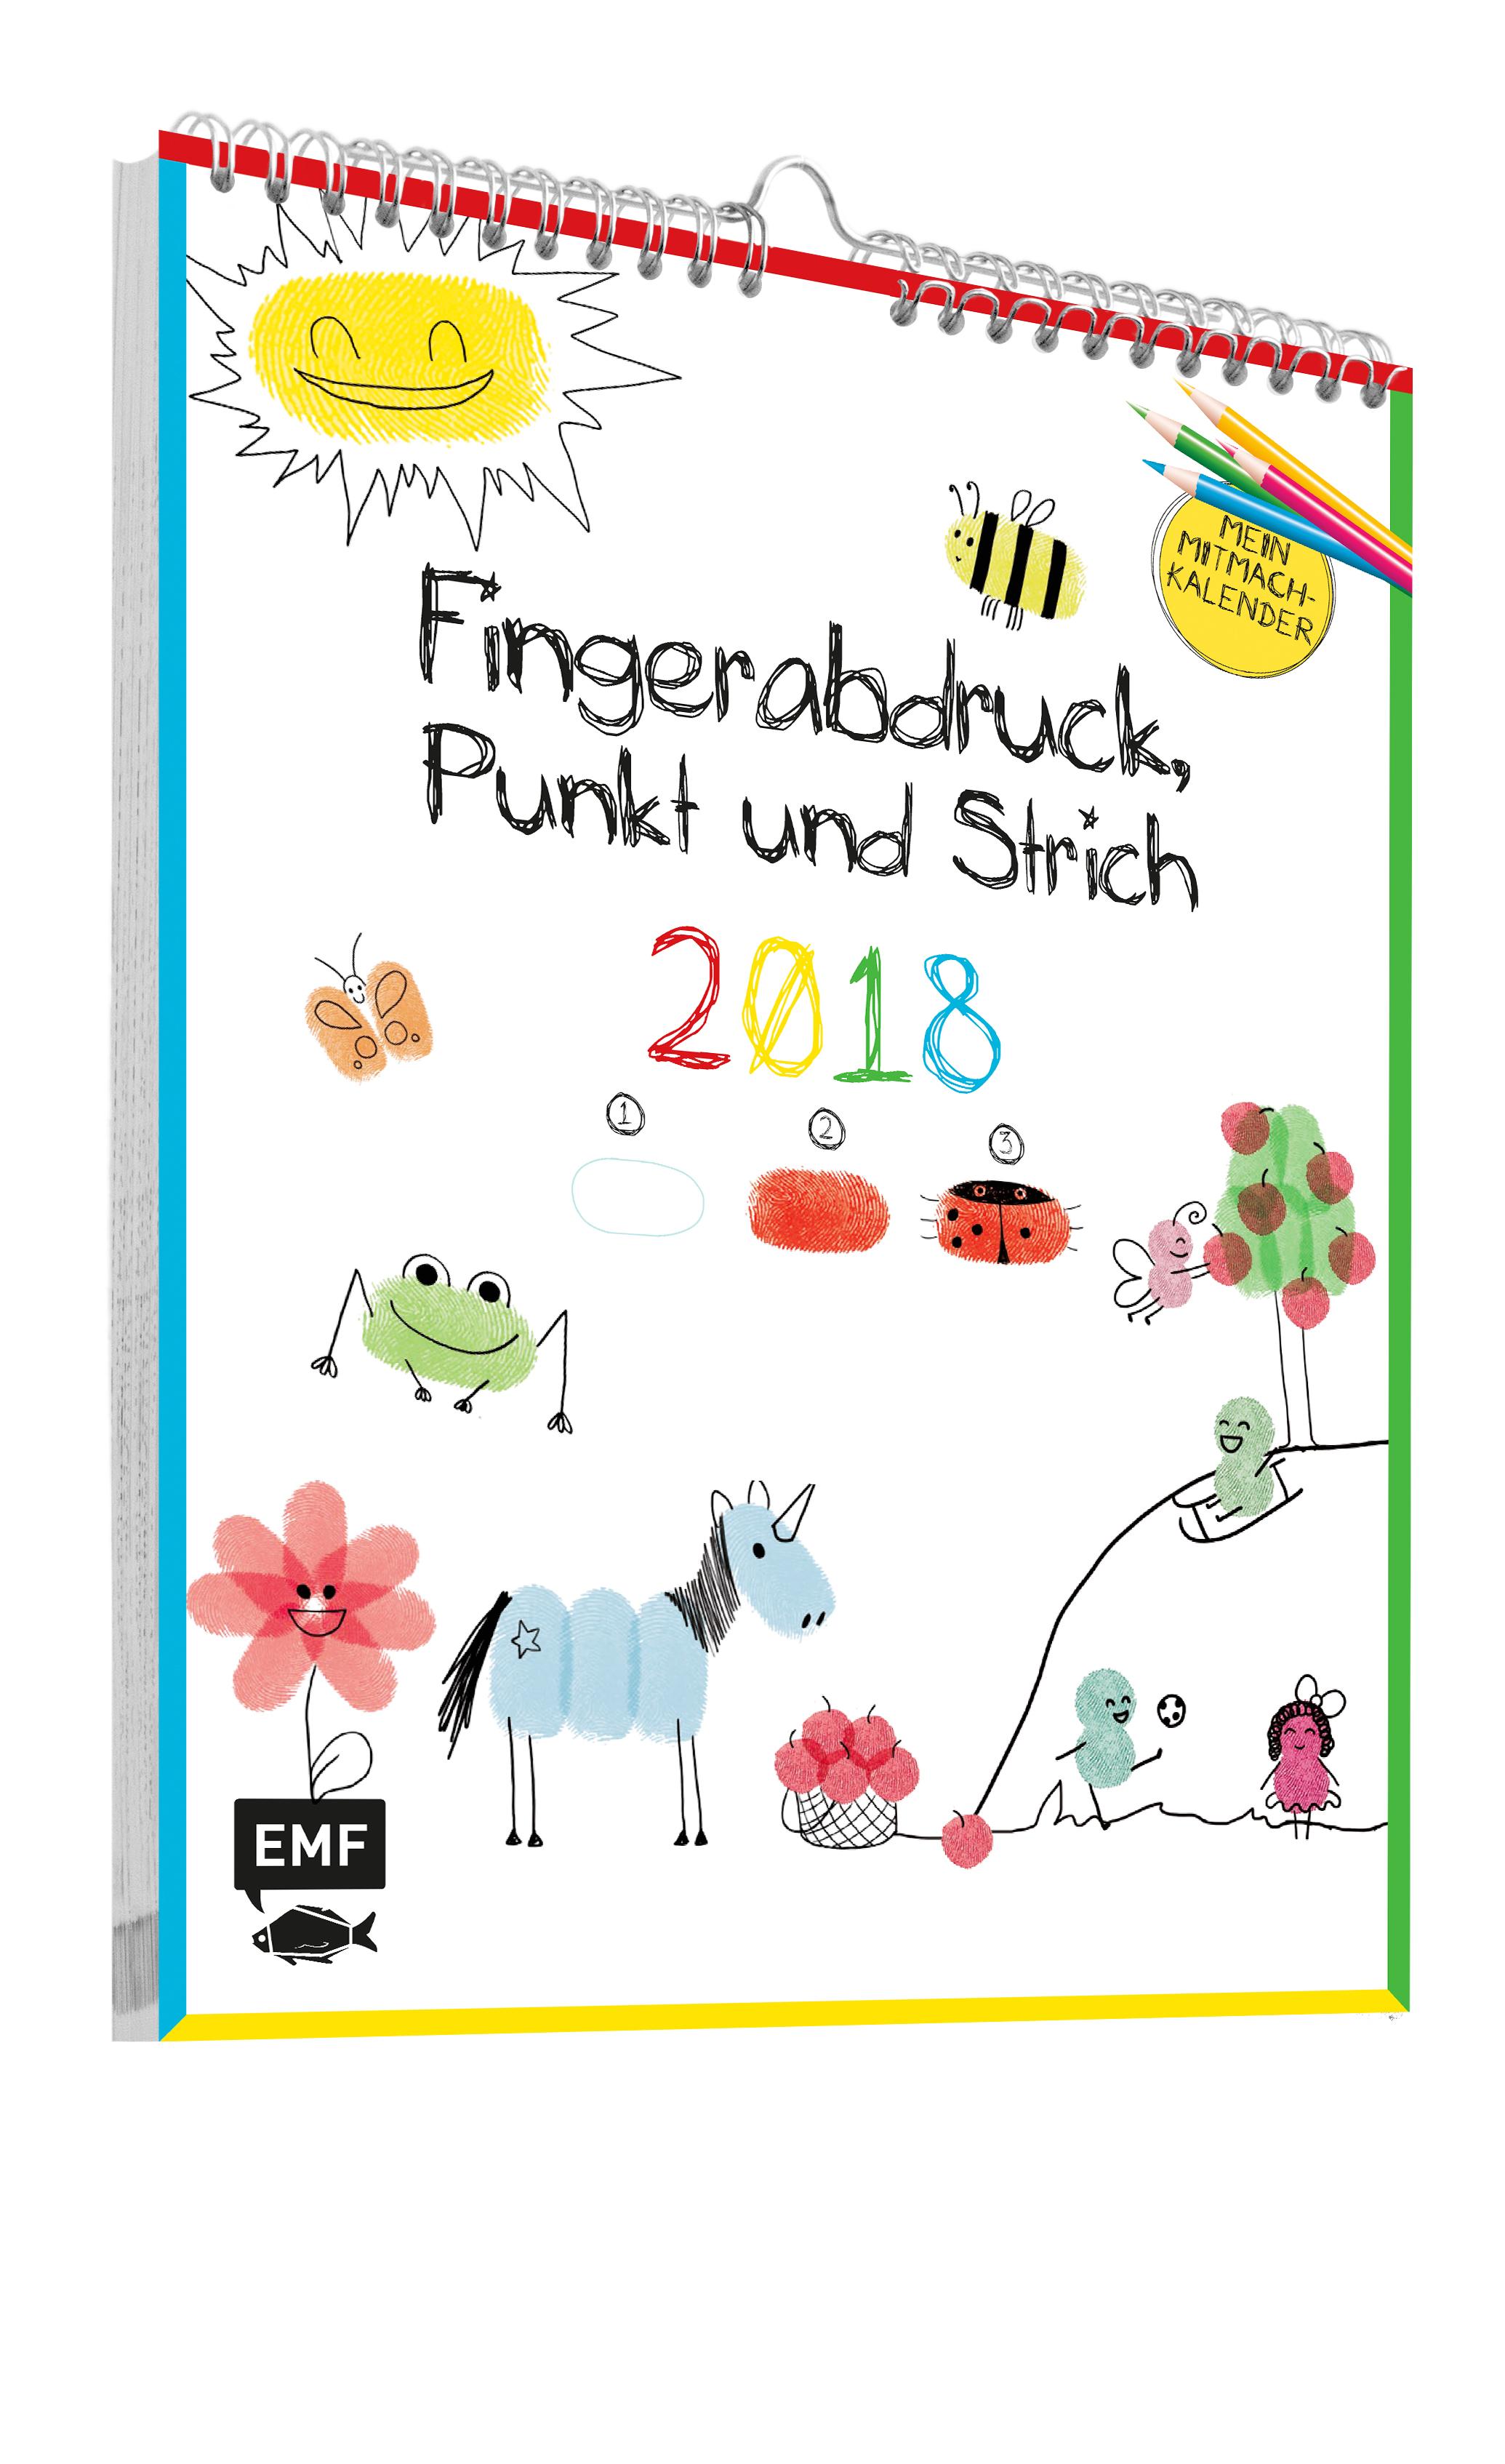 Faszinierend Bild Fingerabdruck Galerie Von Fingerabdruck, Punkt Und Strich: Mein Mitmachkalender 2018